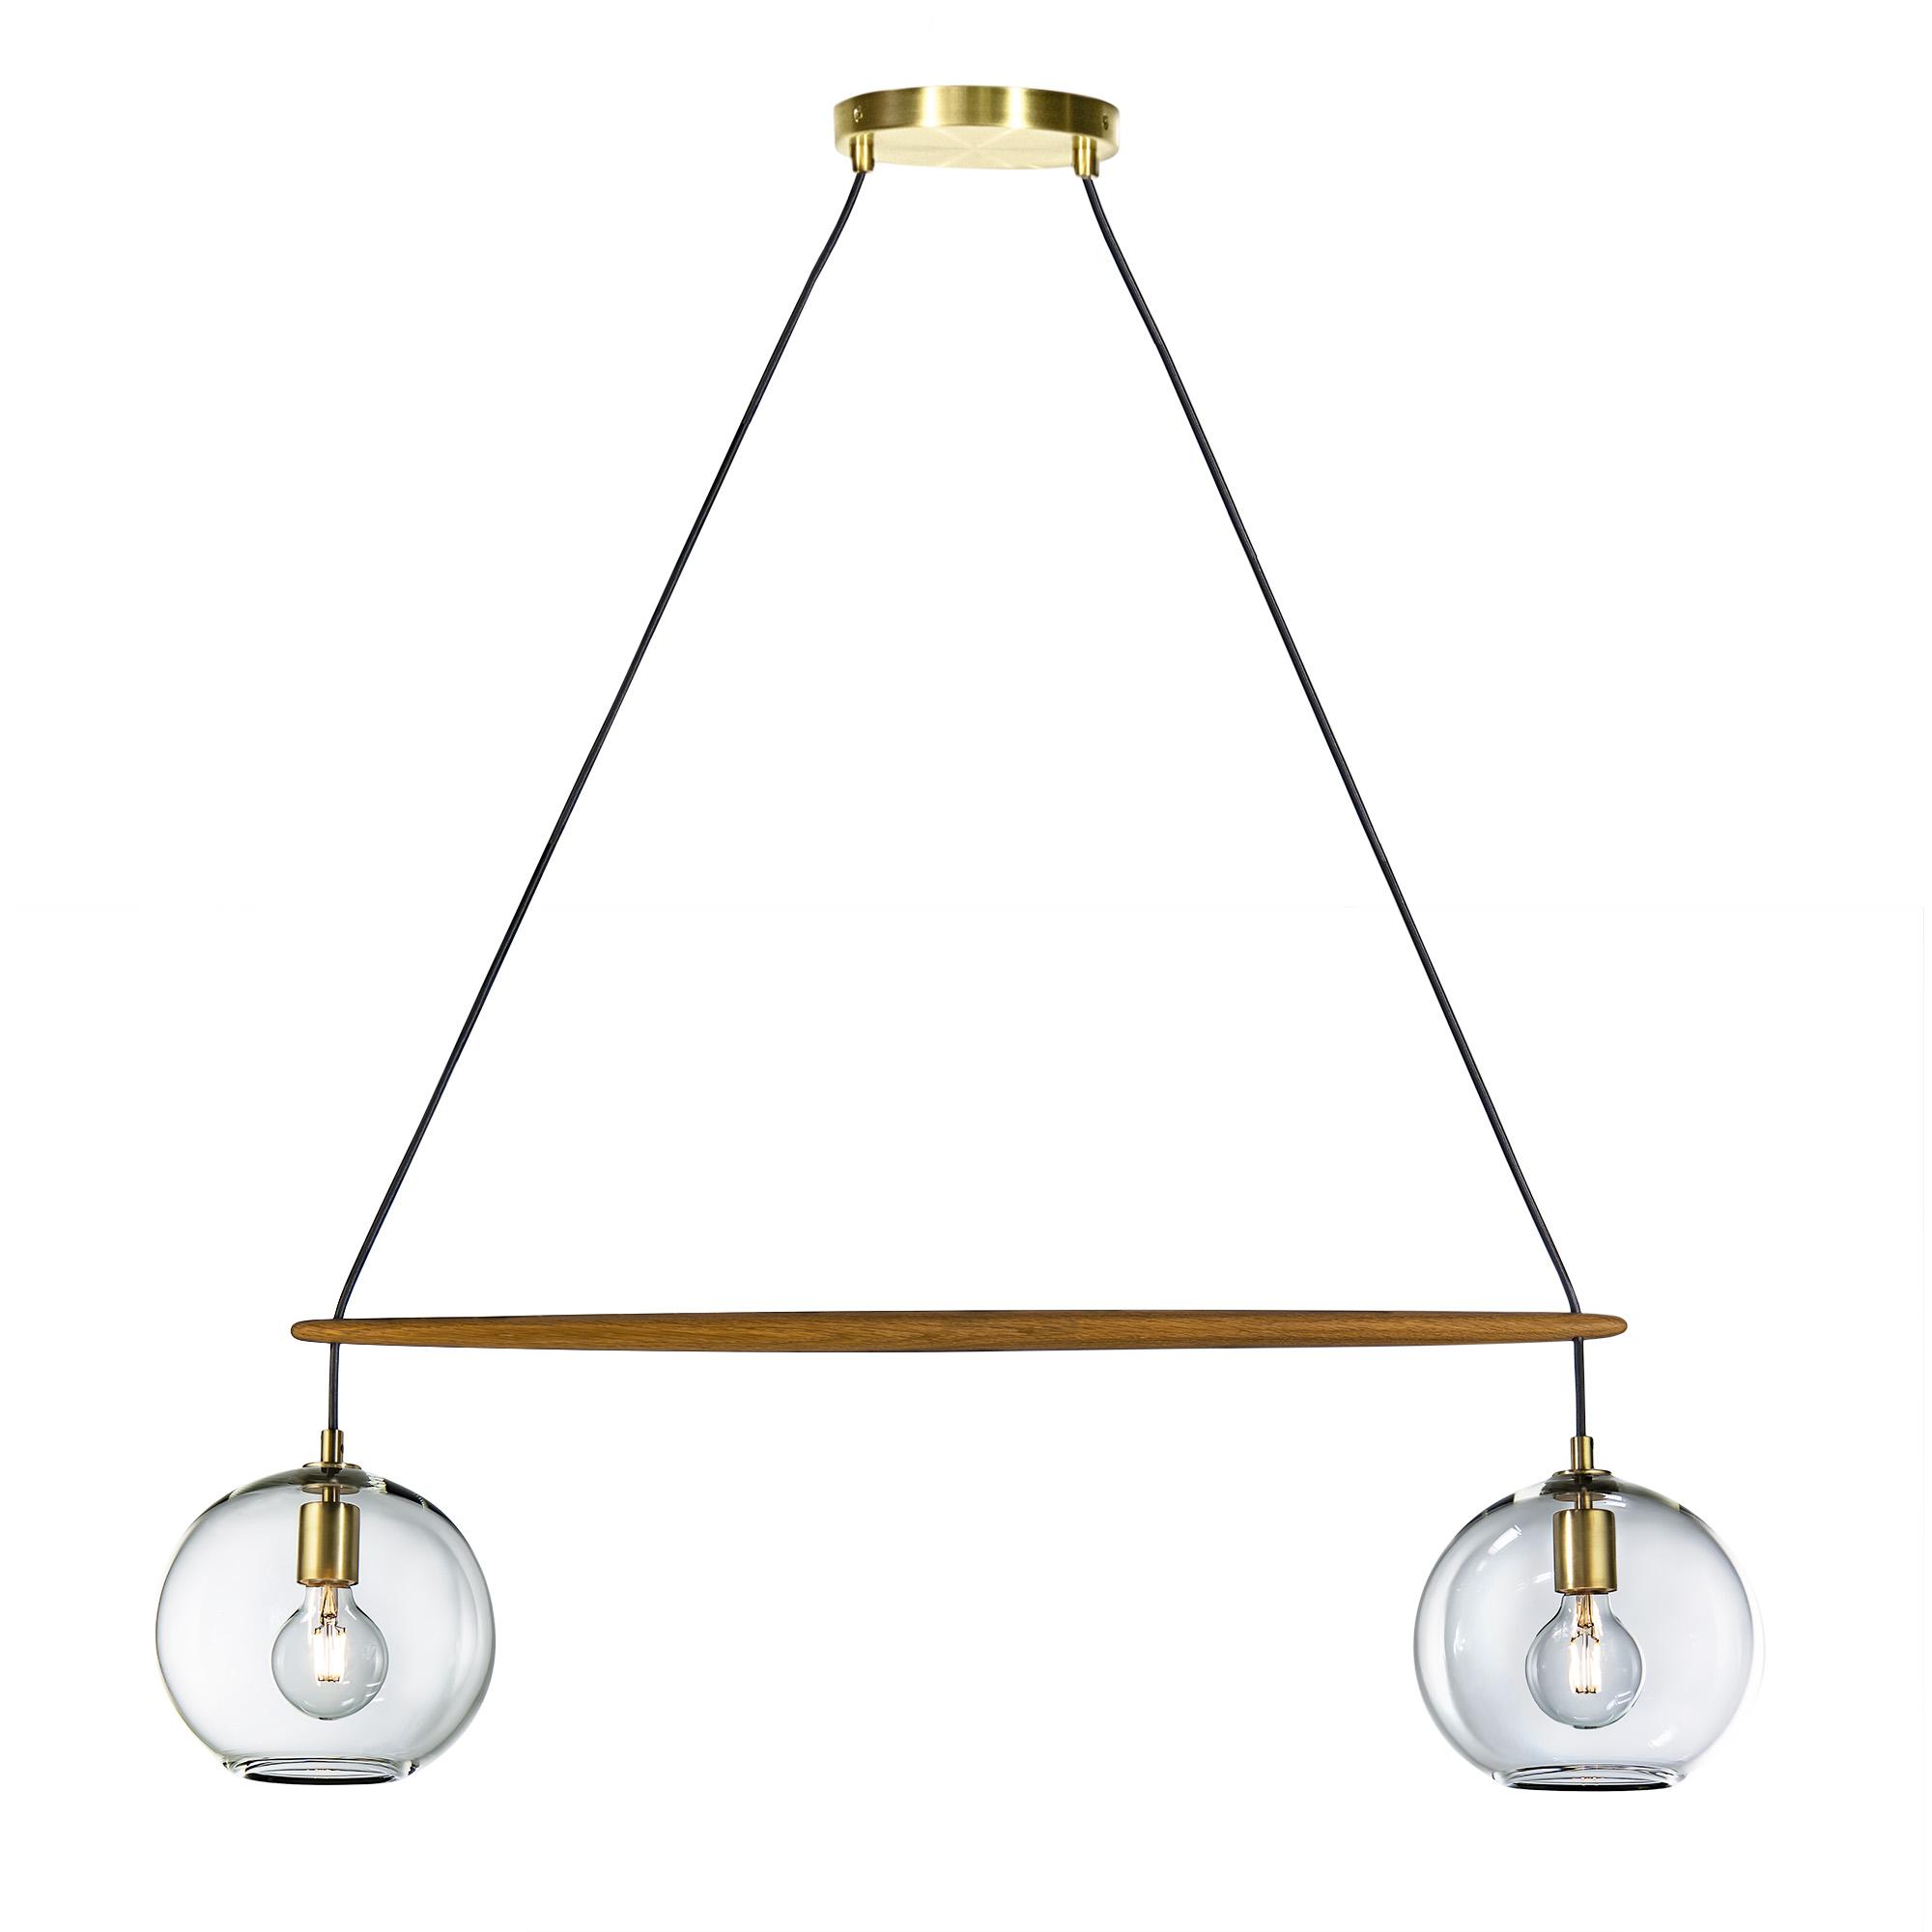 2 light clear orb linea chandelier